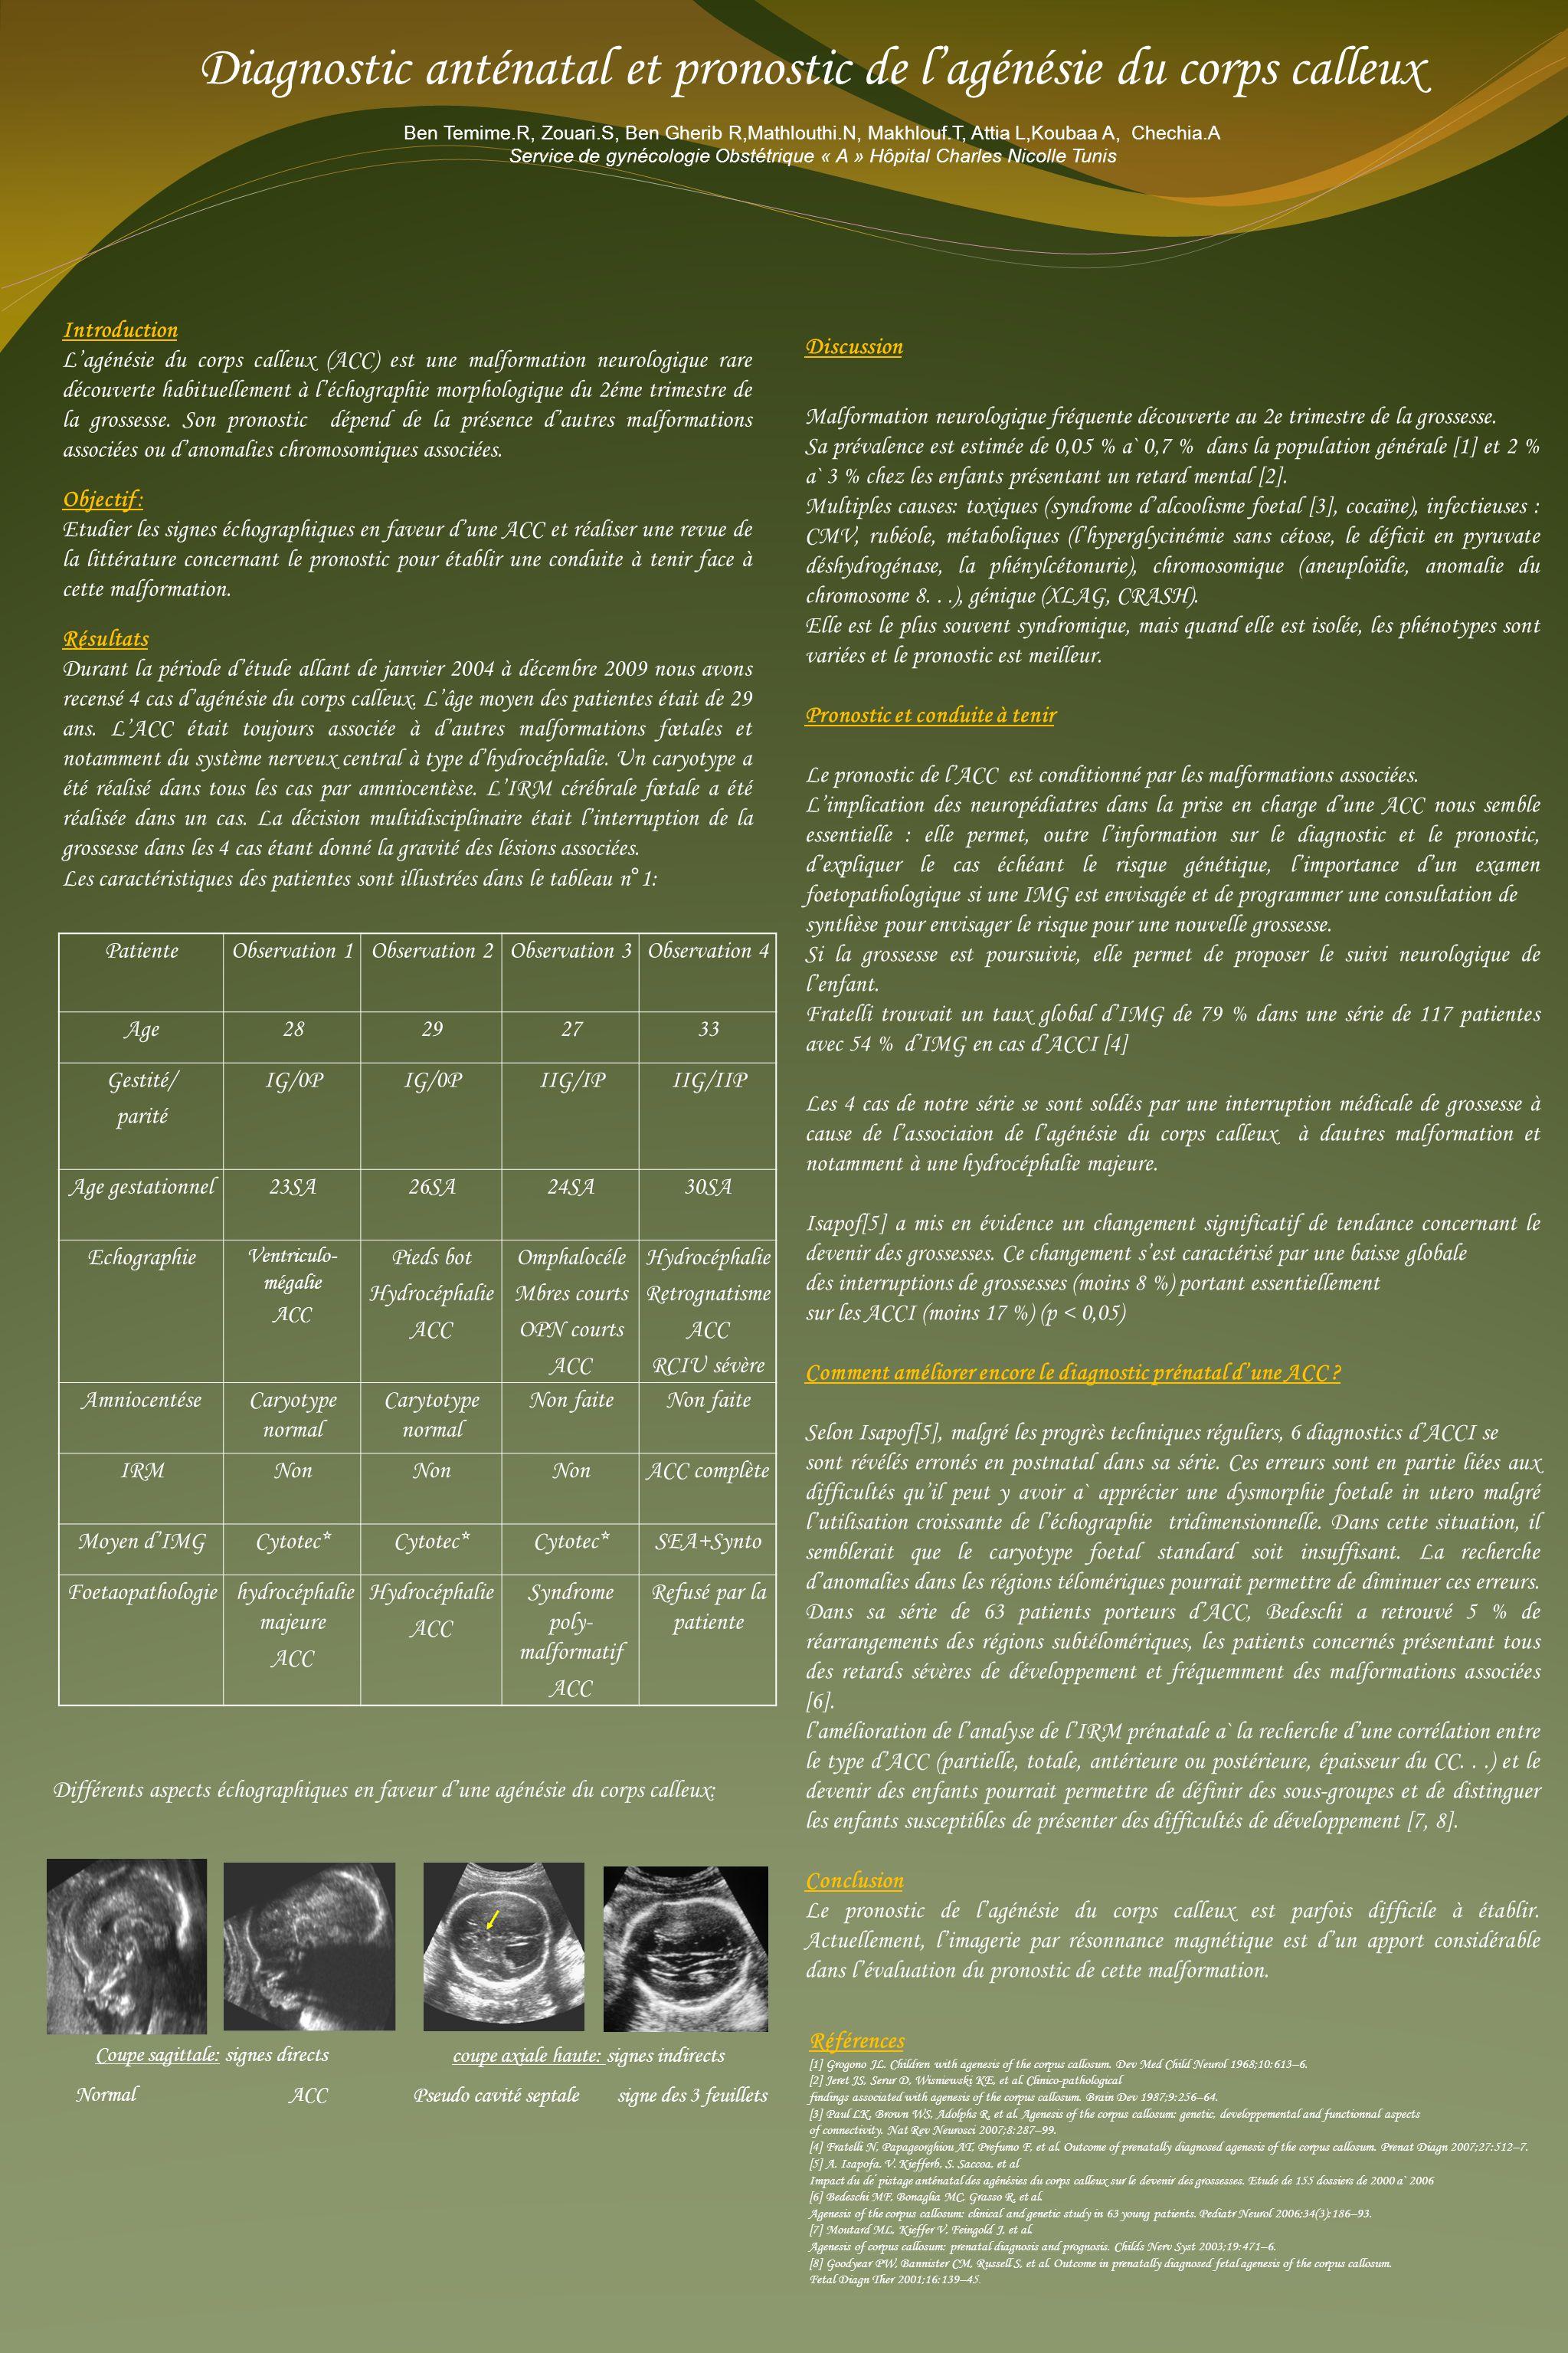 Diagnostic anténatal et pronostic de l'agénésie du corps calleux